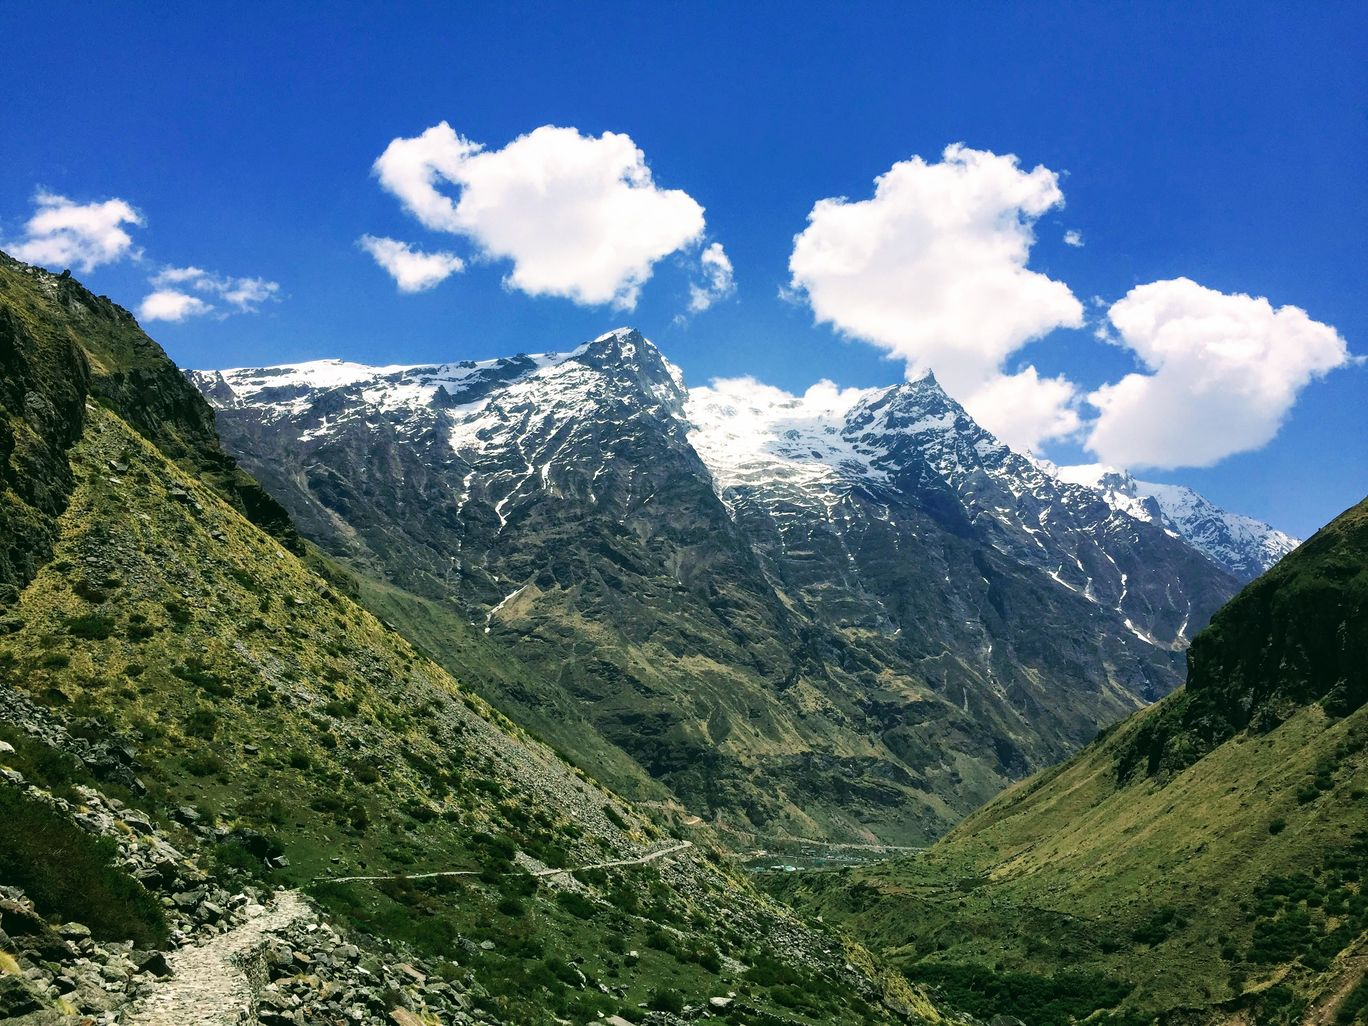 Photo of Himalayas By Rohit Bheemuni